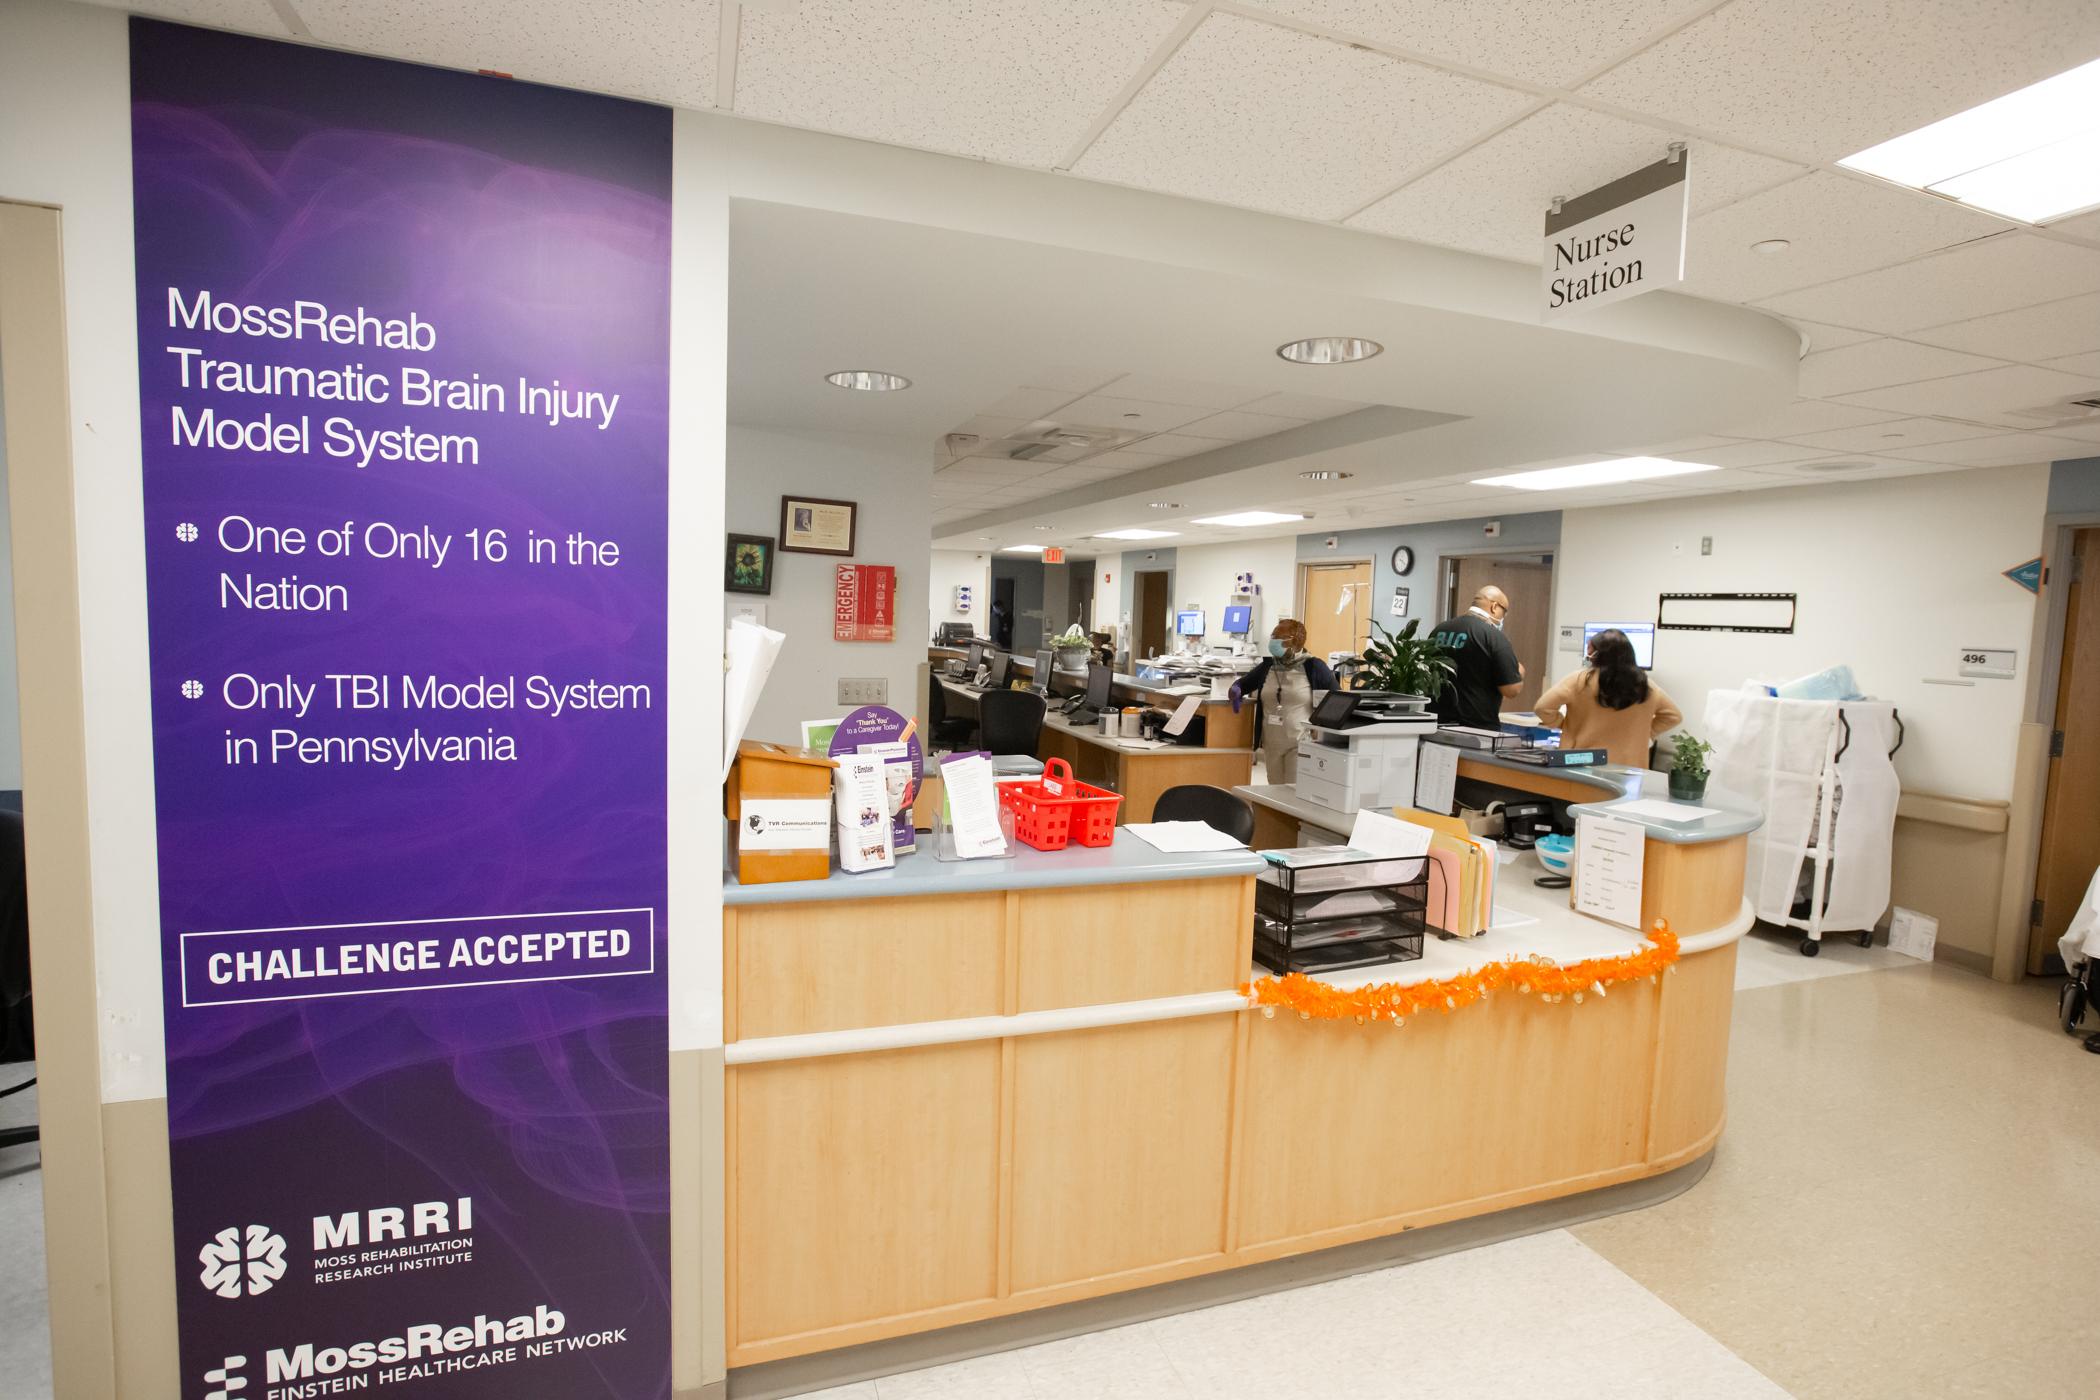 image insdie inpatient rehab unit